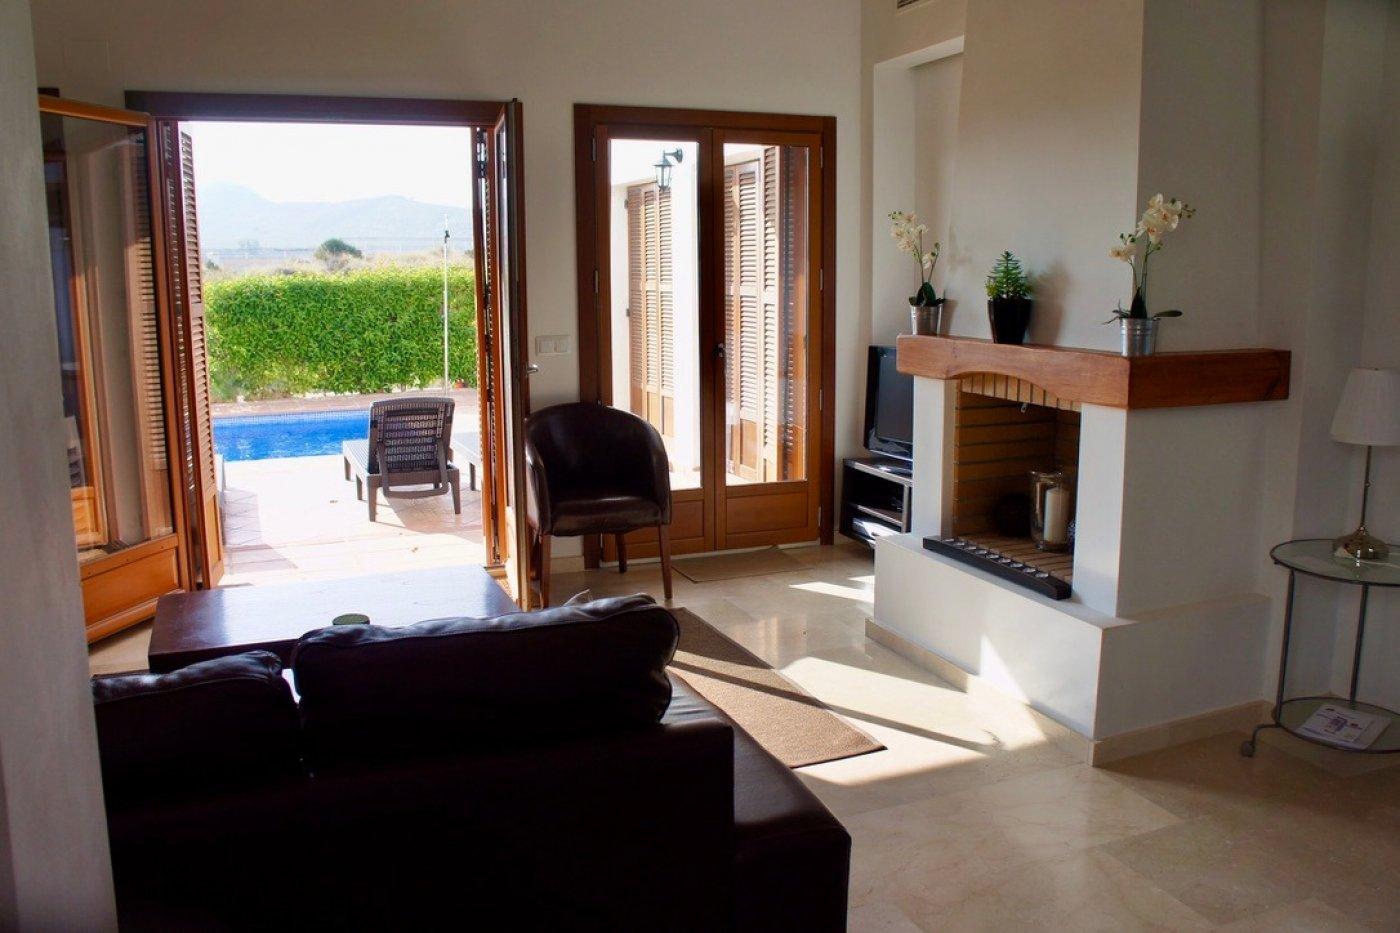 Galleribillede 2 of I første linie til golf banen, solrig 4 vær et plans villa med 2 badevær of egen pool